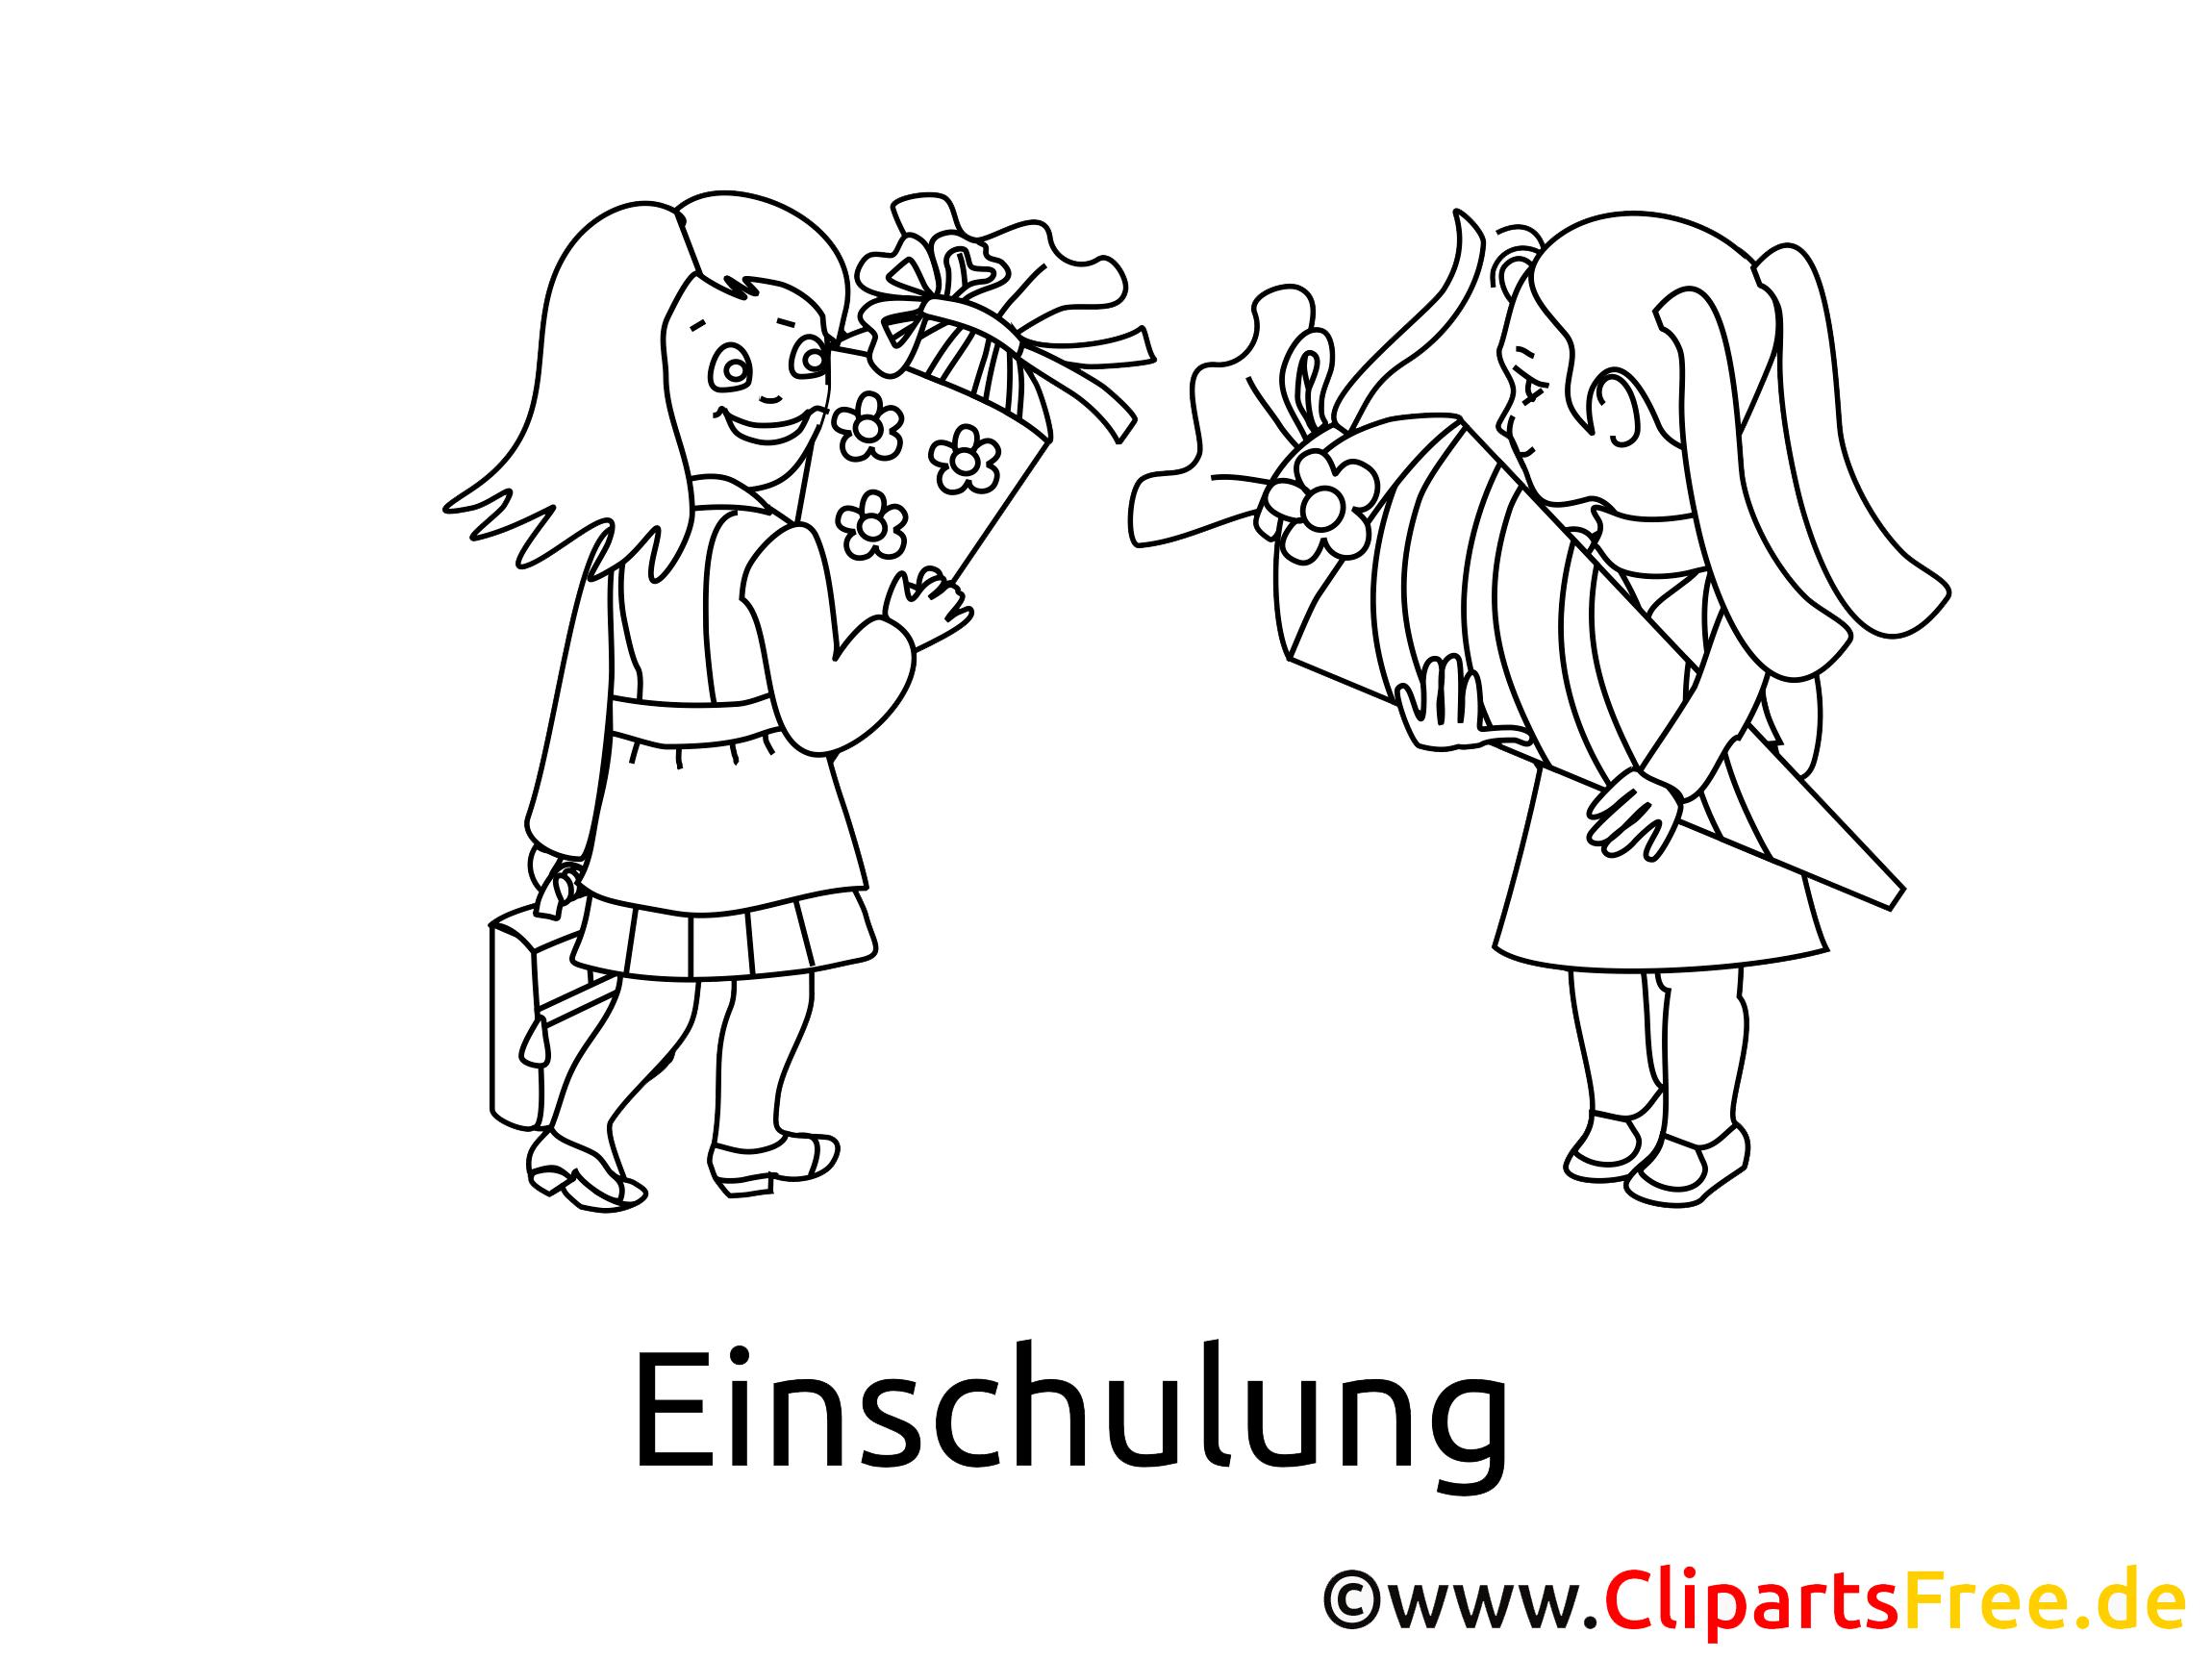 Kinderbilder zum Ausmalen zur Einschulung